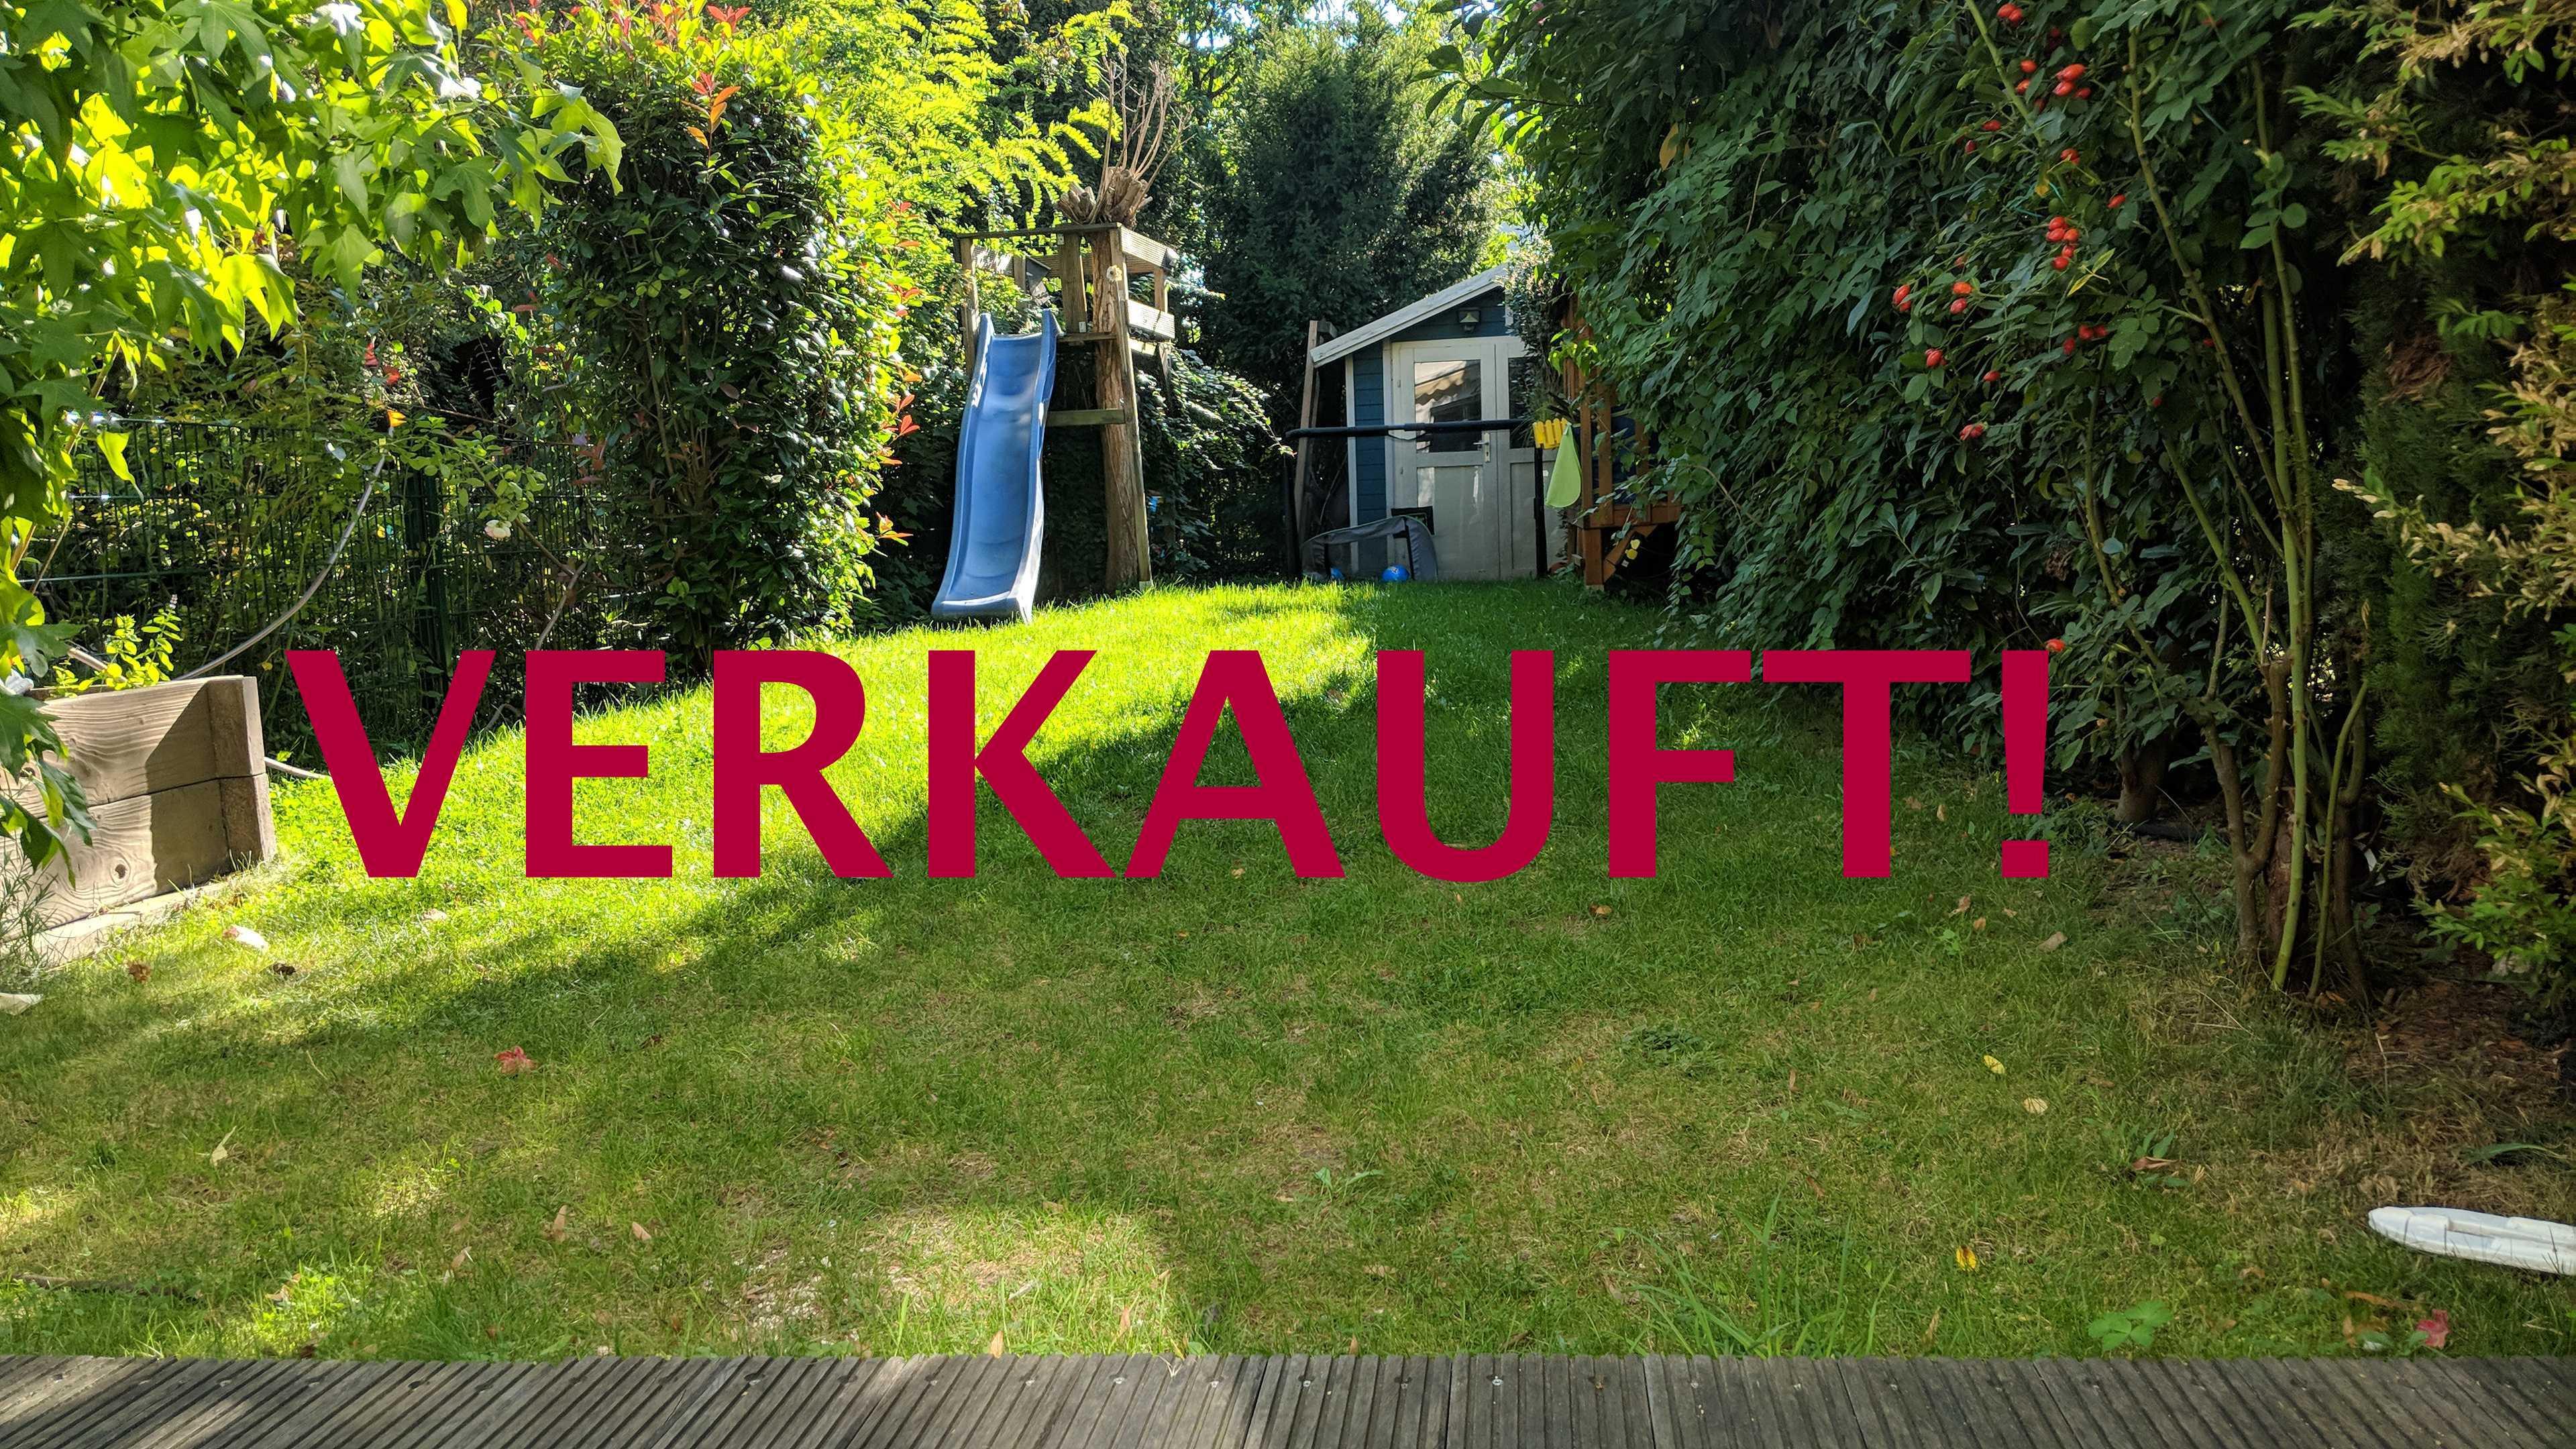 VERKAUFT! Schönes Reihenmittelhaus mit Garten und Carport im begehrten Stadtteil Golzheim